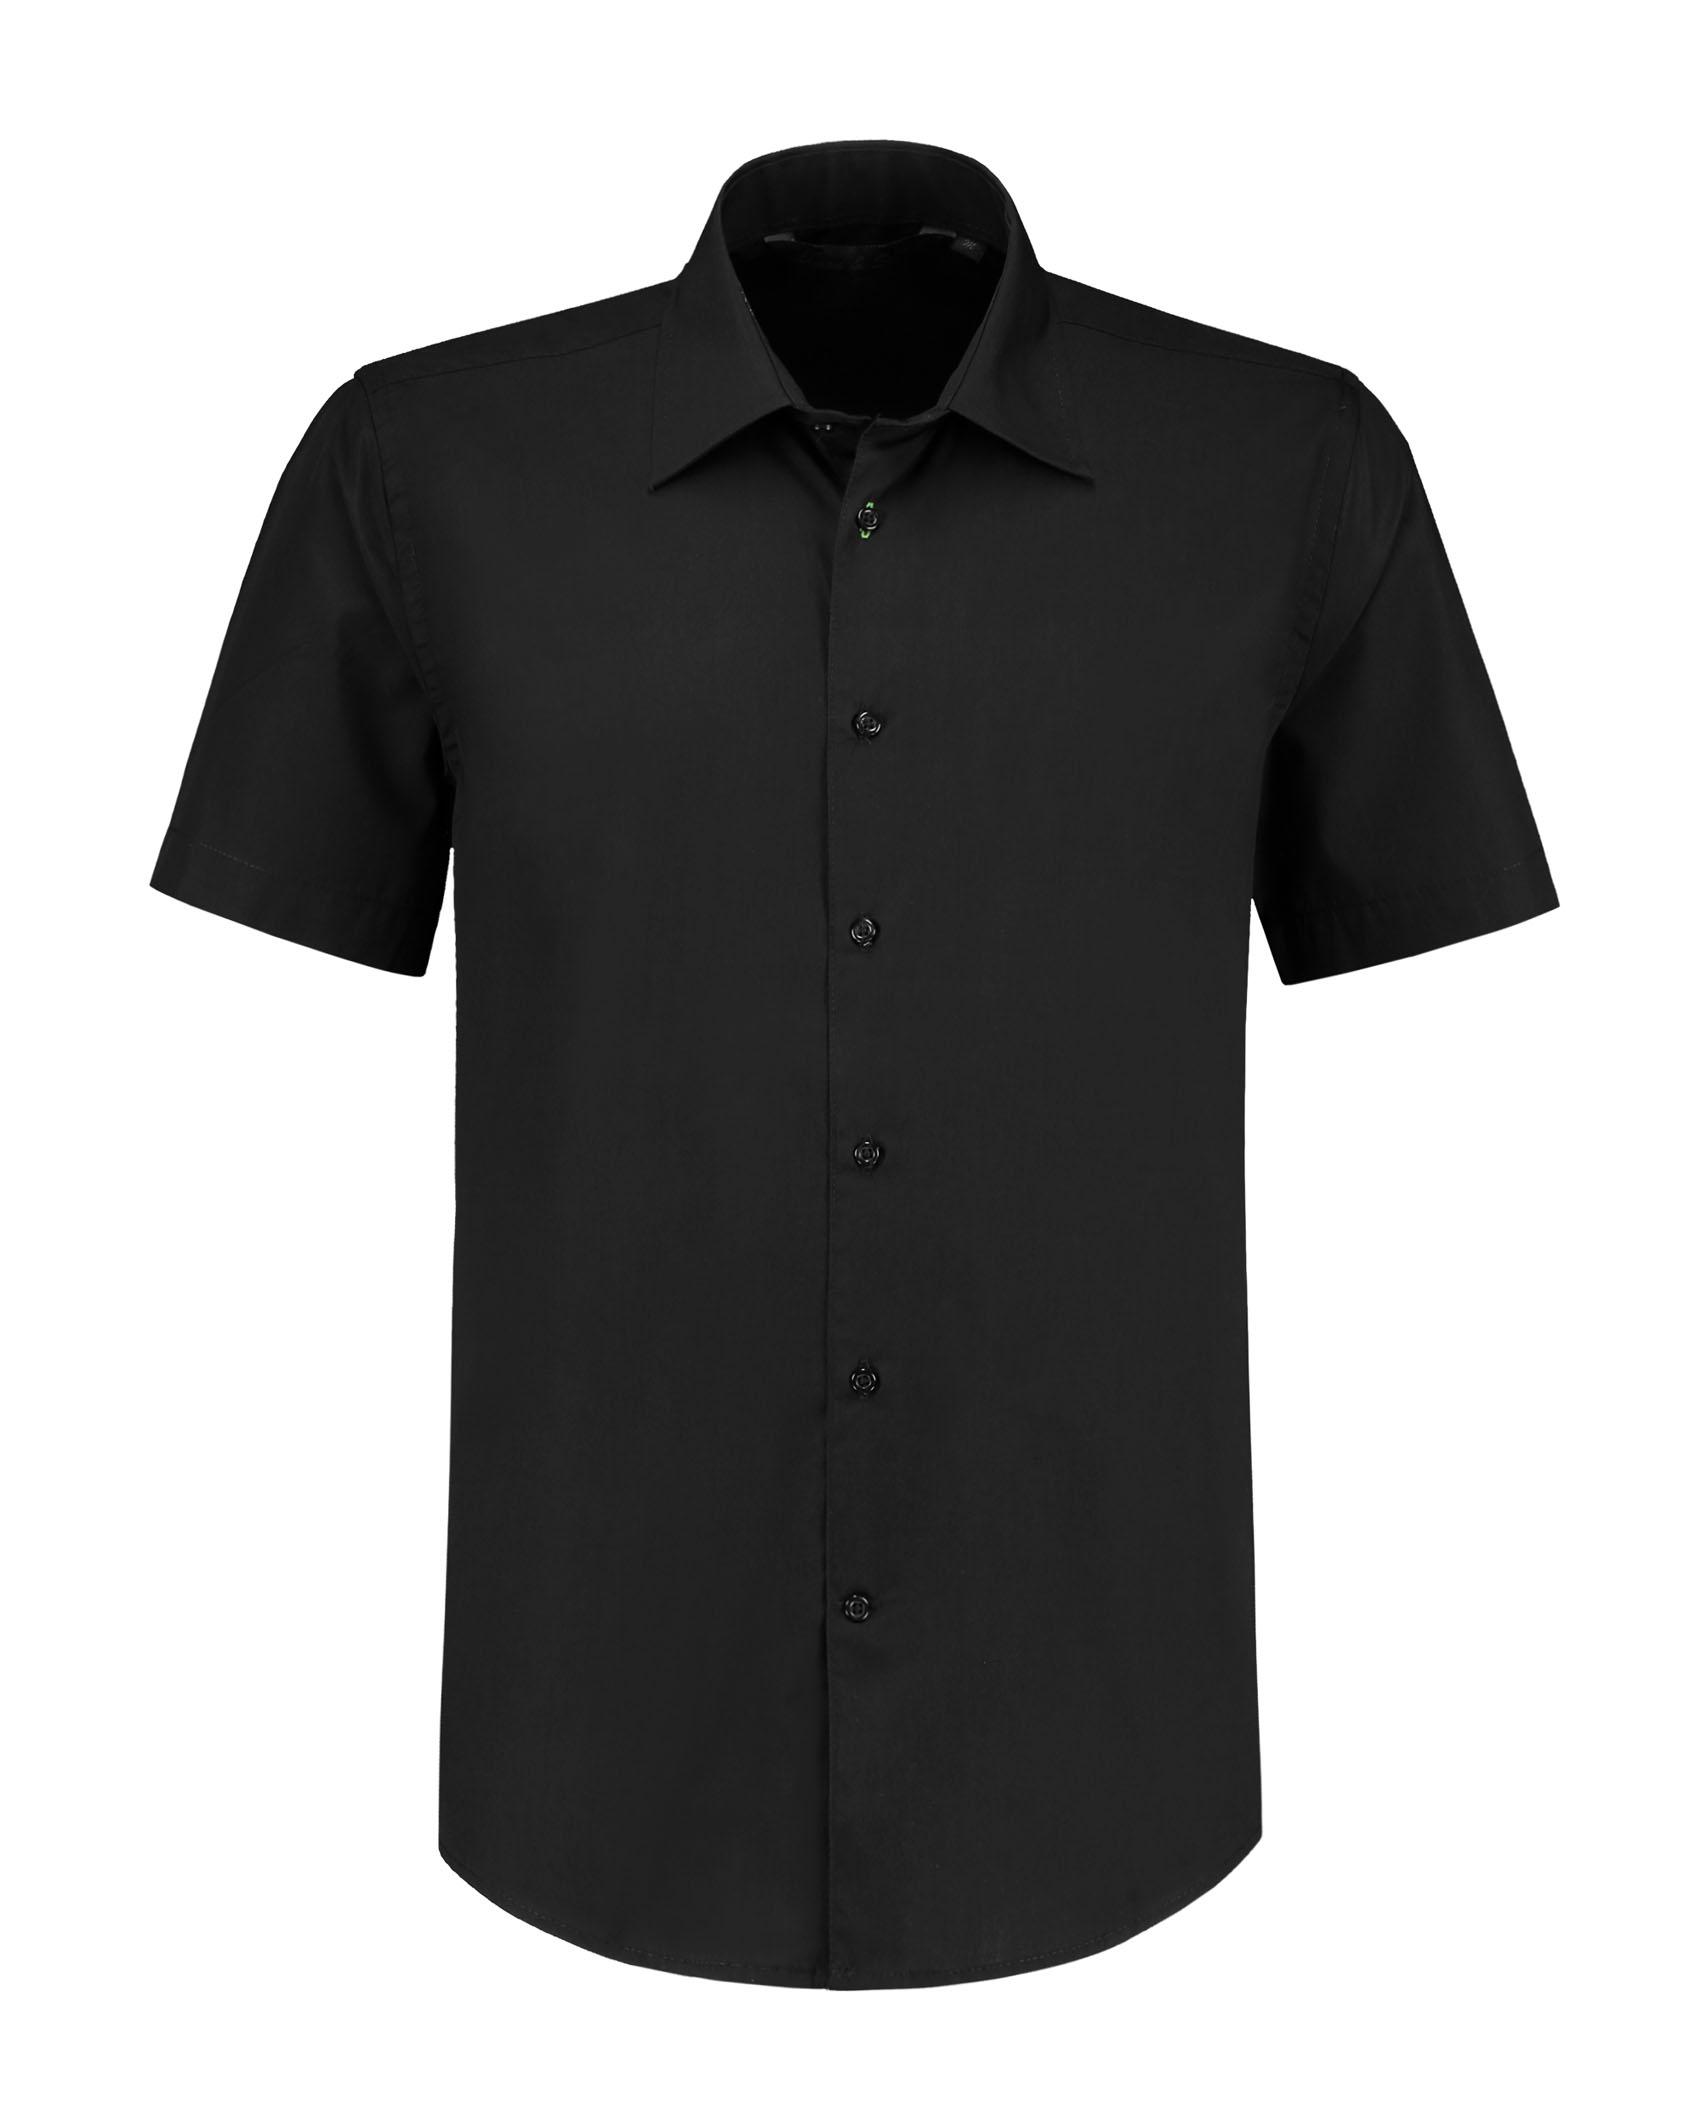 L&S Shirt Poplin Mix SS for him